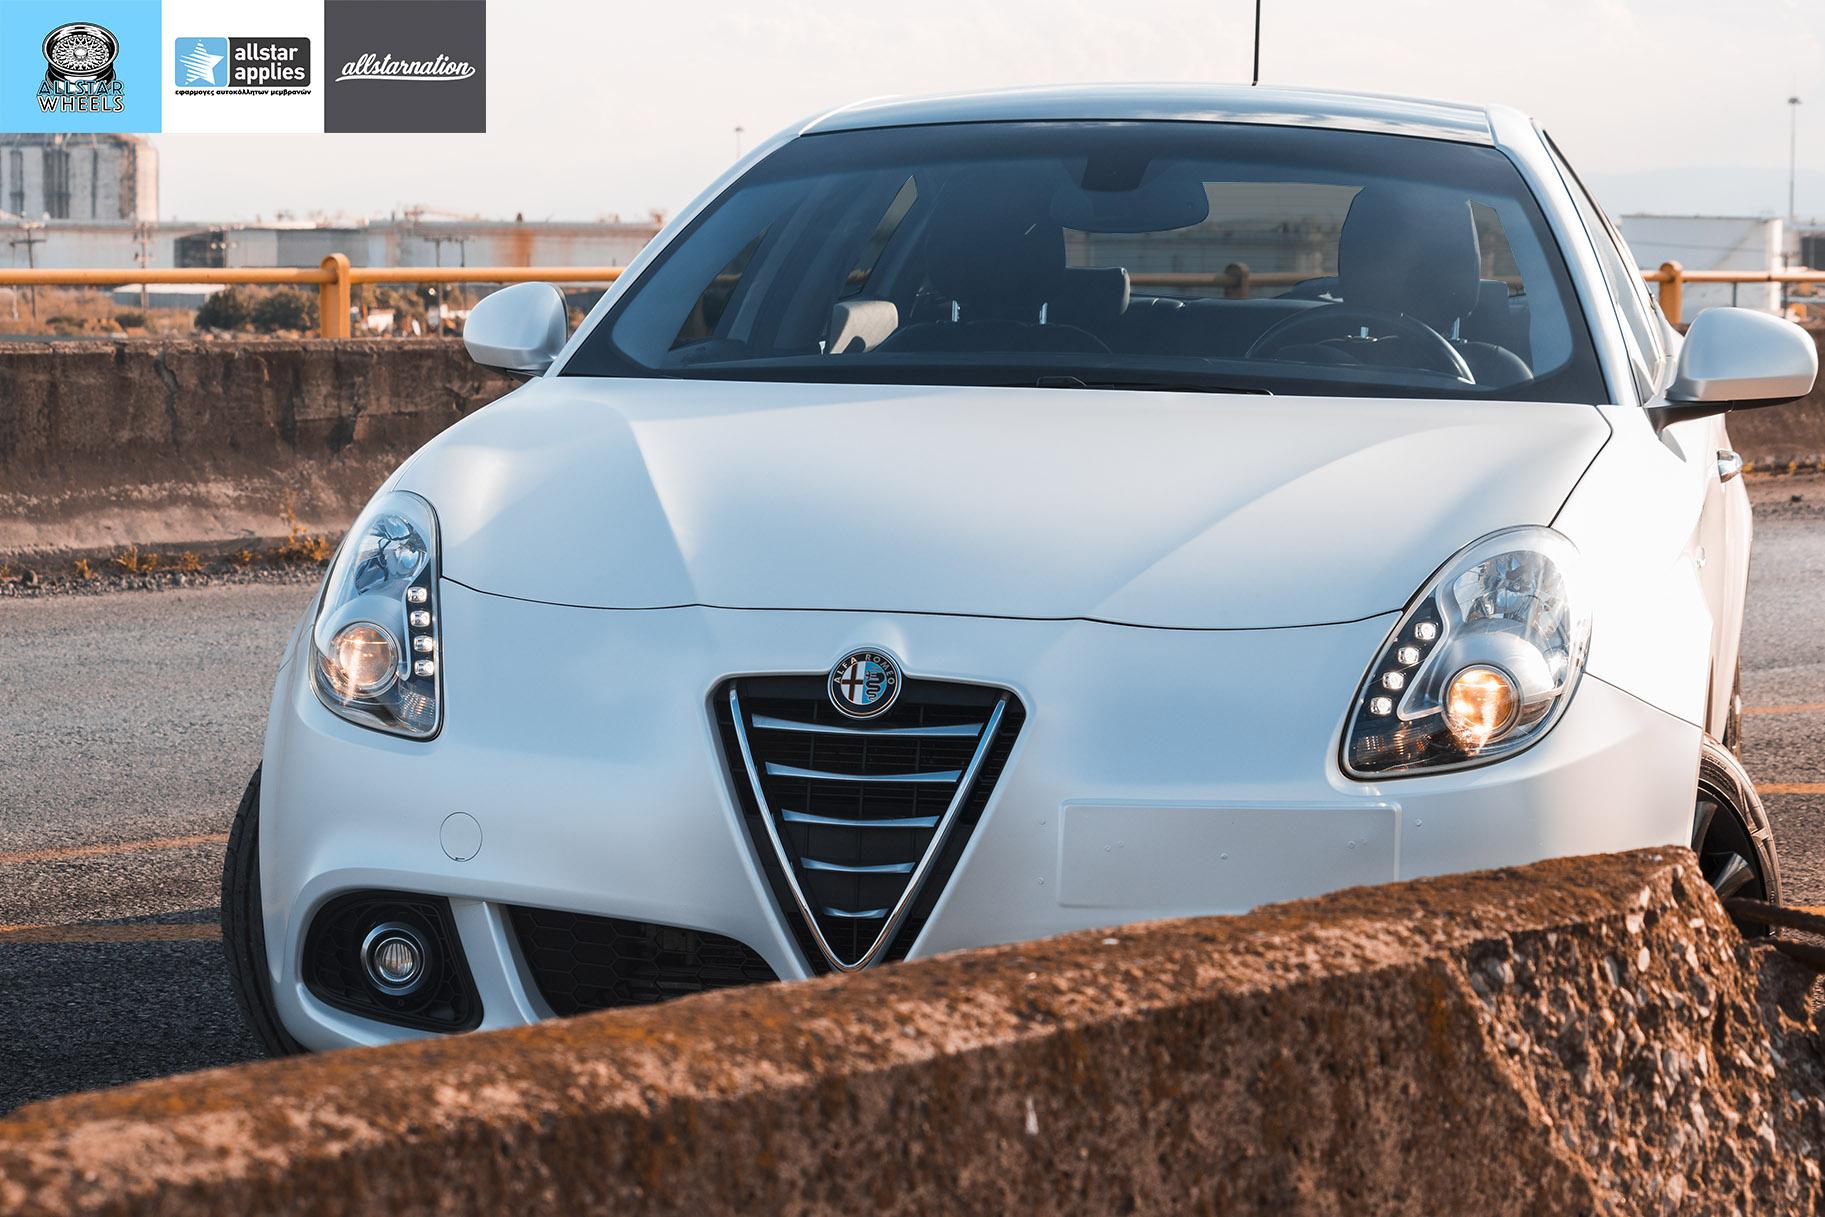 Μεμβράνες Αλλαγής Χρώματος Alfa Romeo Giulietta Matt Diamond White | Allstar Applies στη Θεσσαλονίκη